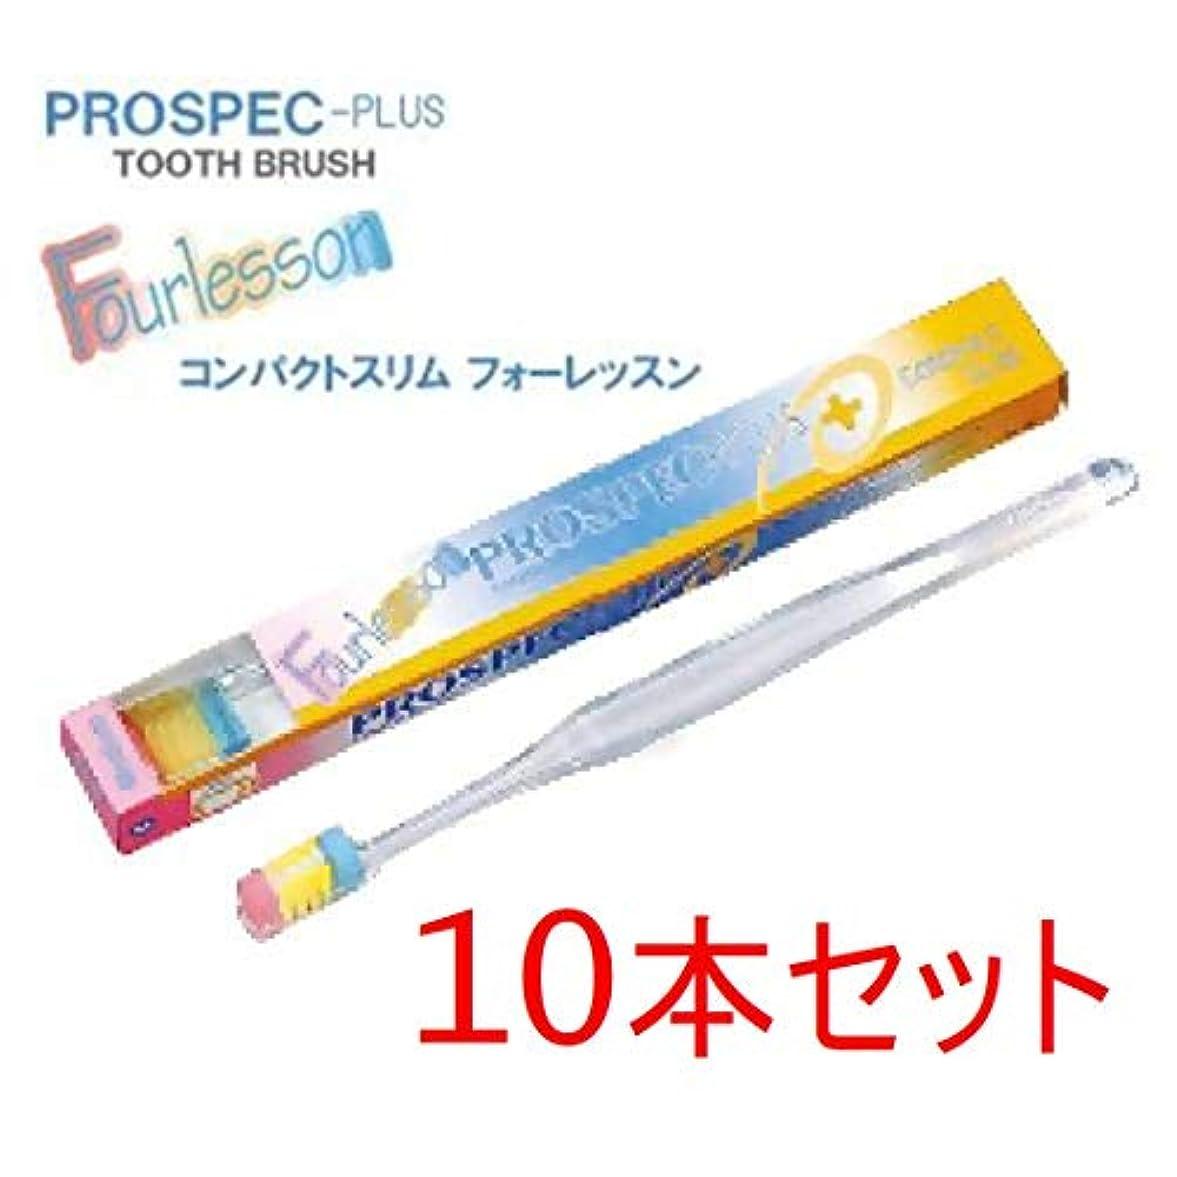 プロスペック 歯ブラシ コンパクトスリム 10本 フォーレッスン 毛の硬さ ふつう